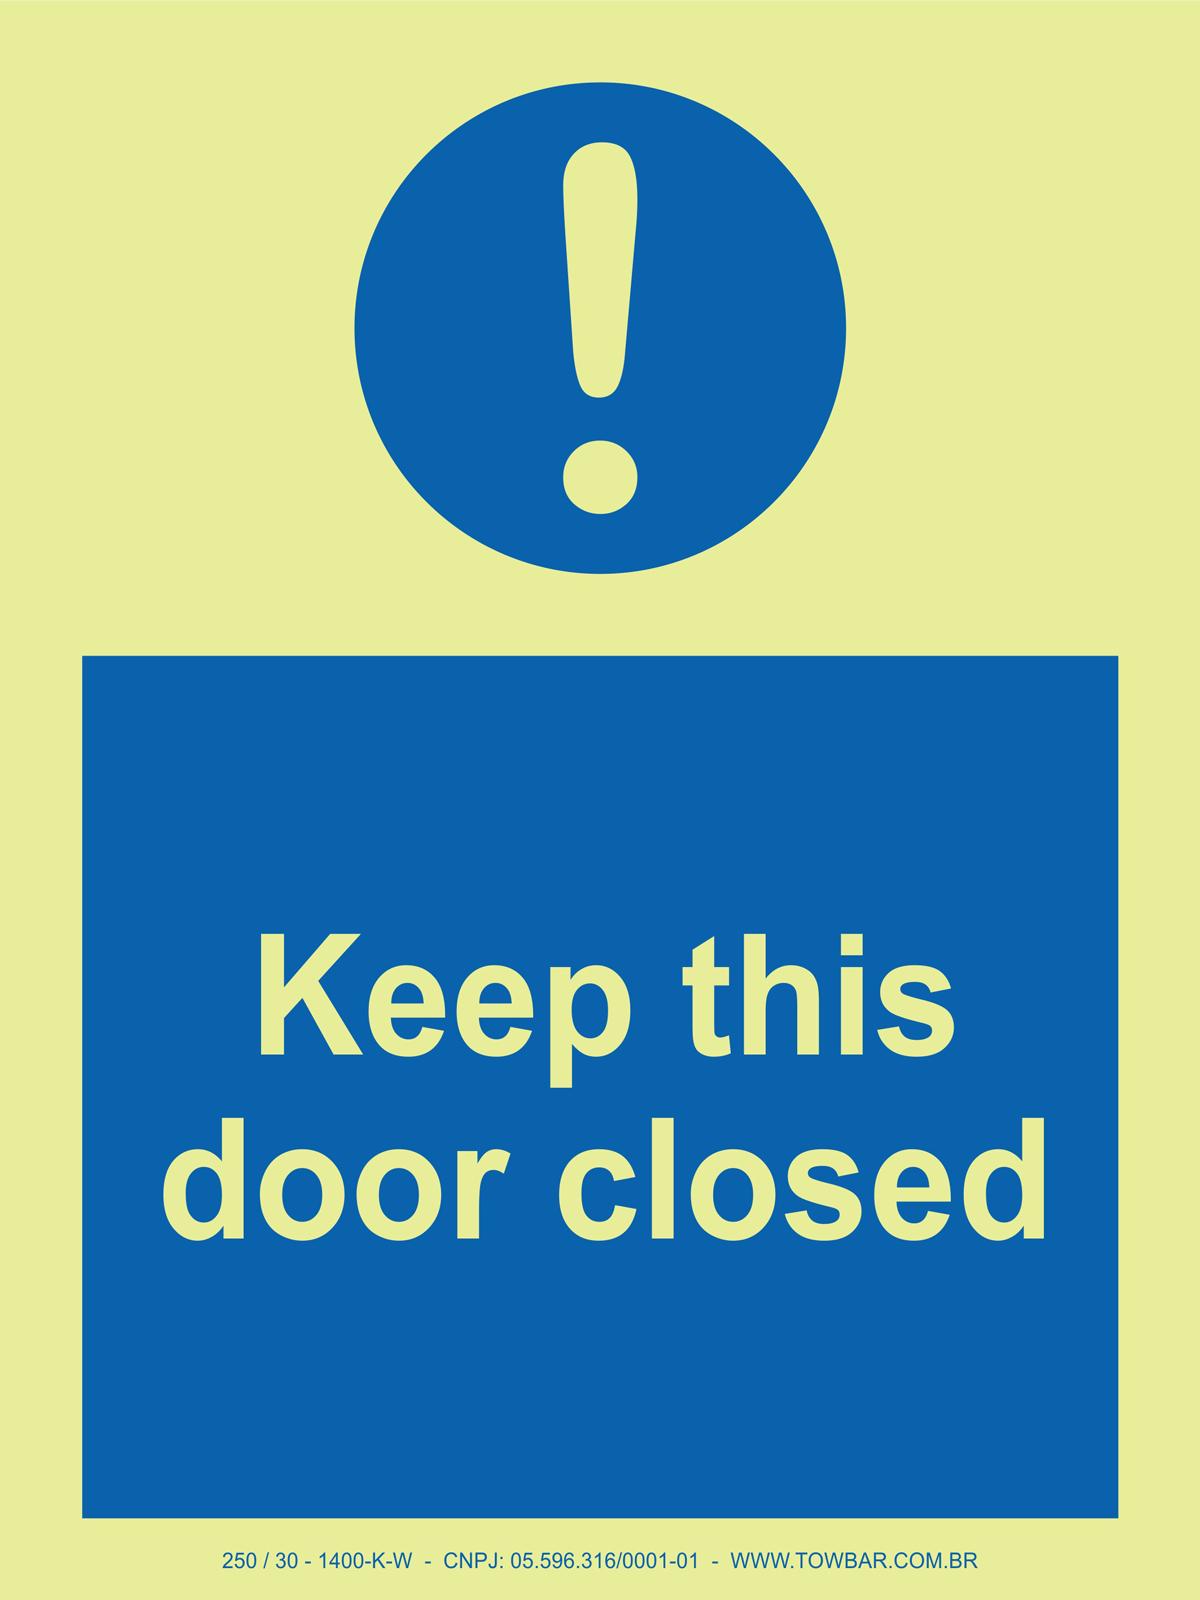 Keep this door closed  - Towbar Sinalização de Segurança